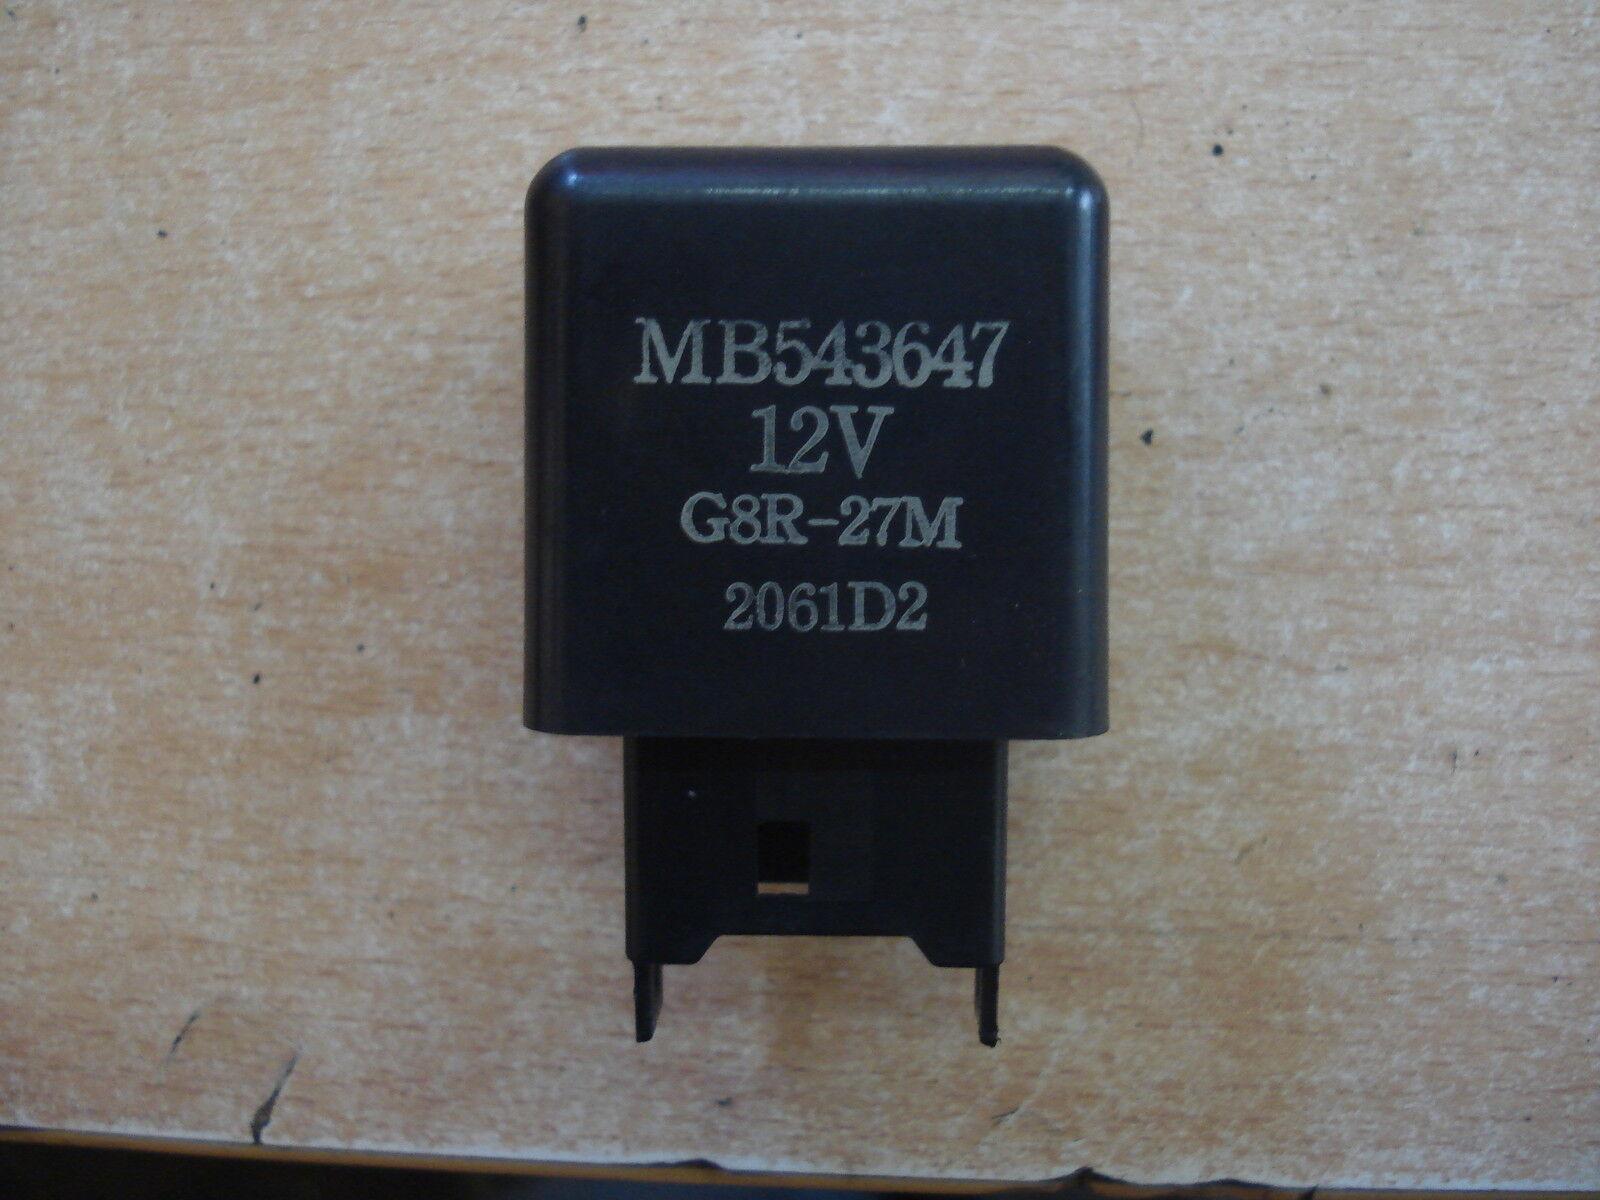 MITSUBISHI GTO TWIN TURBO NONE TURBO RELAY MB510925 INTERMITTENT WIPER RELAY